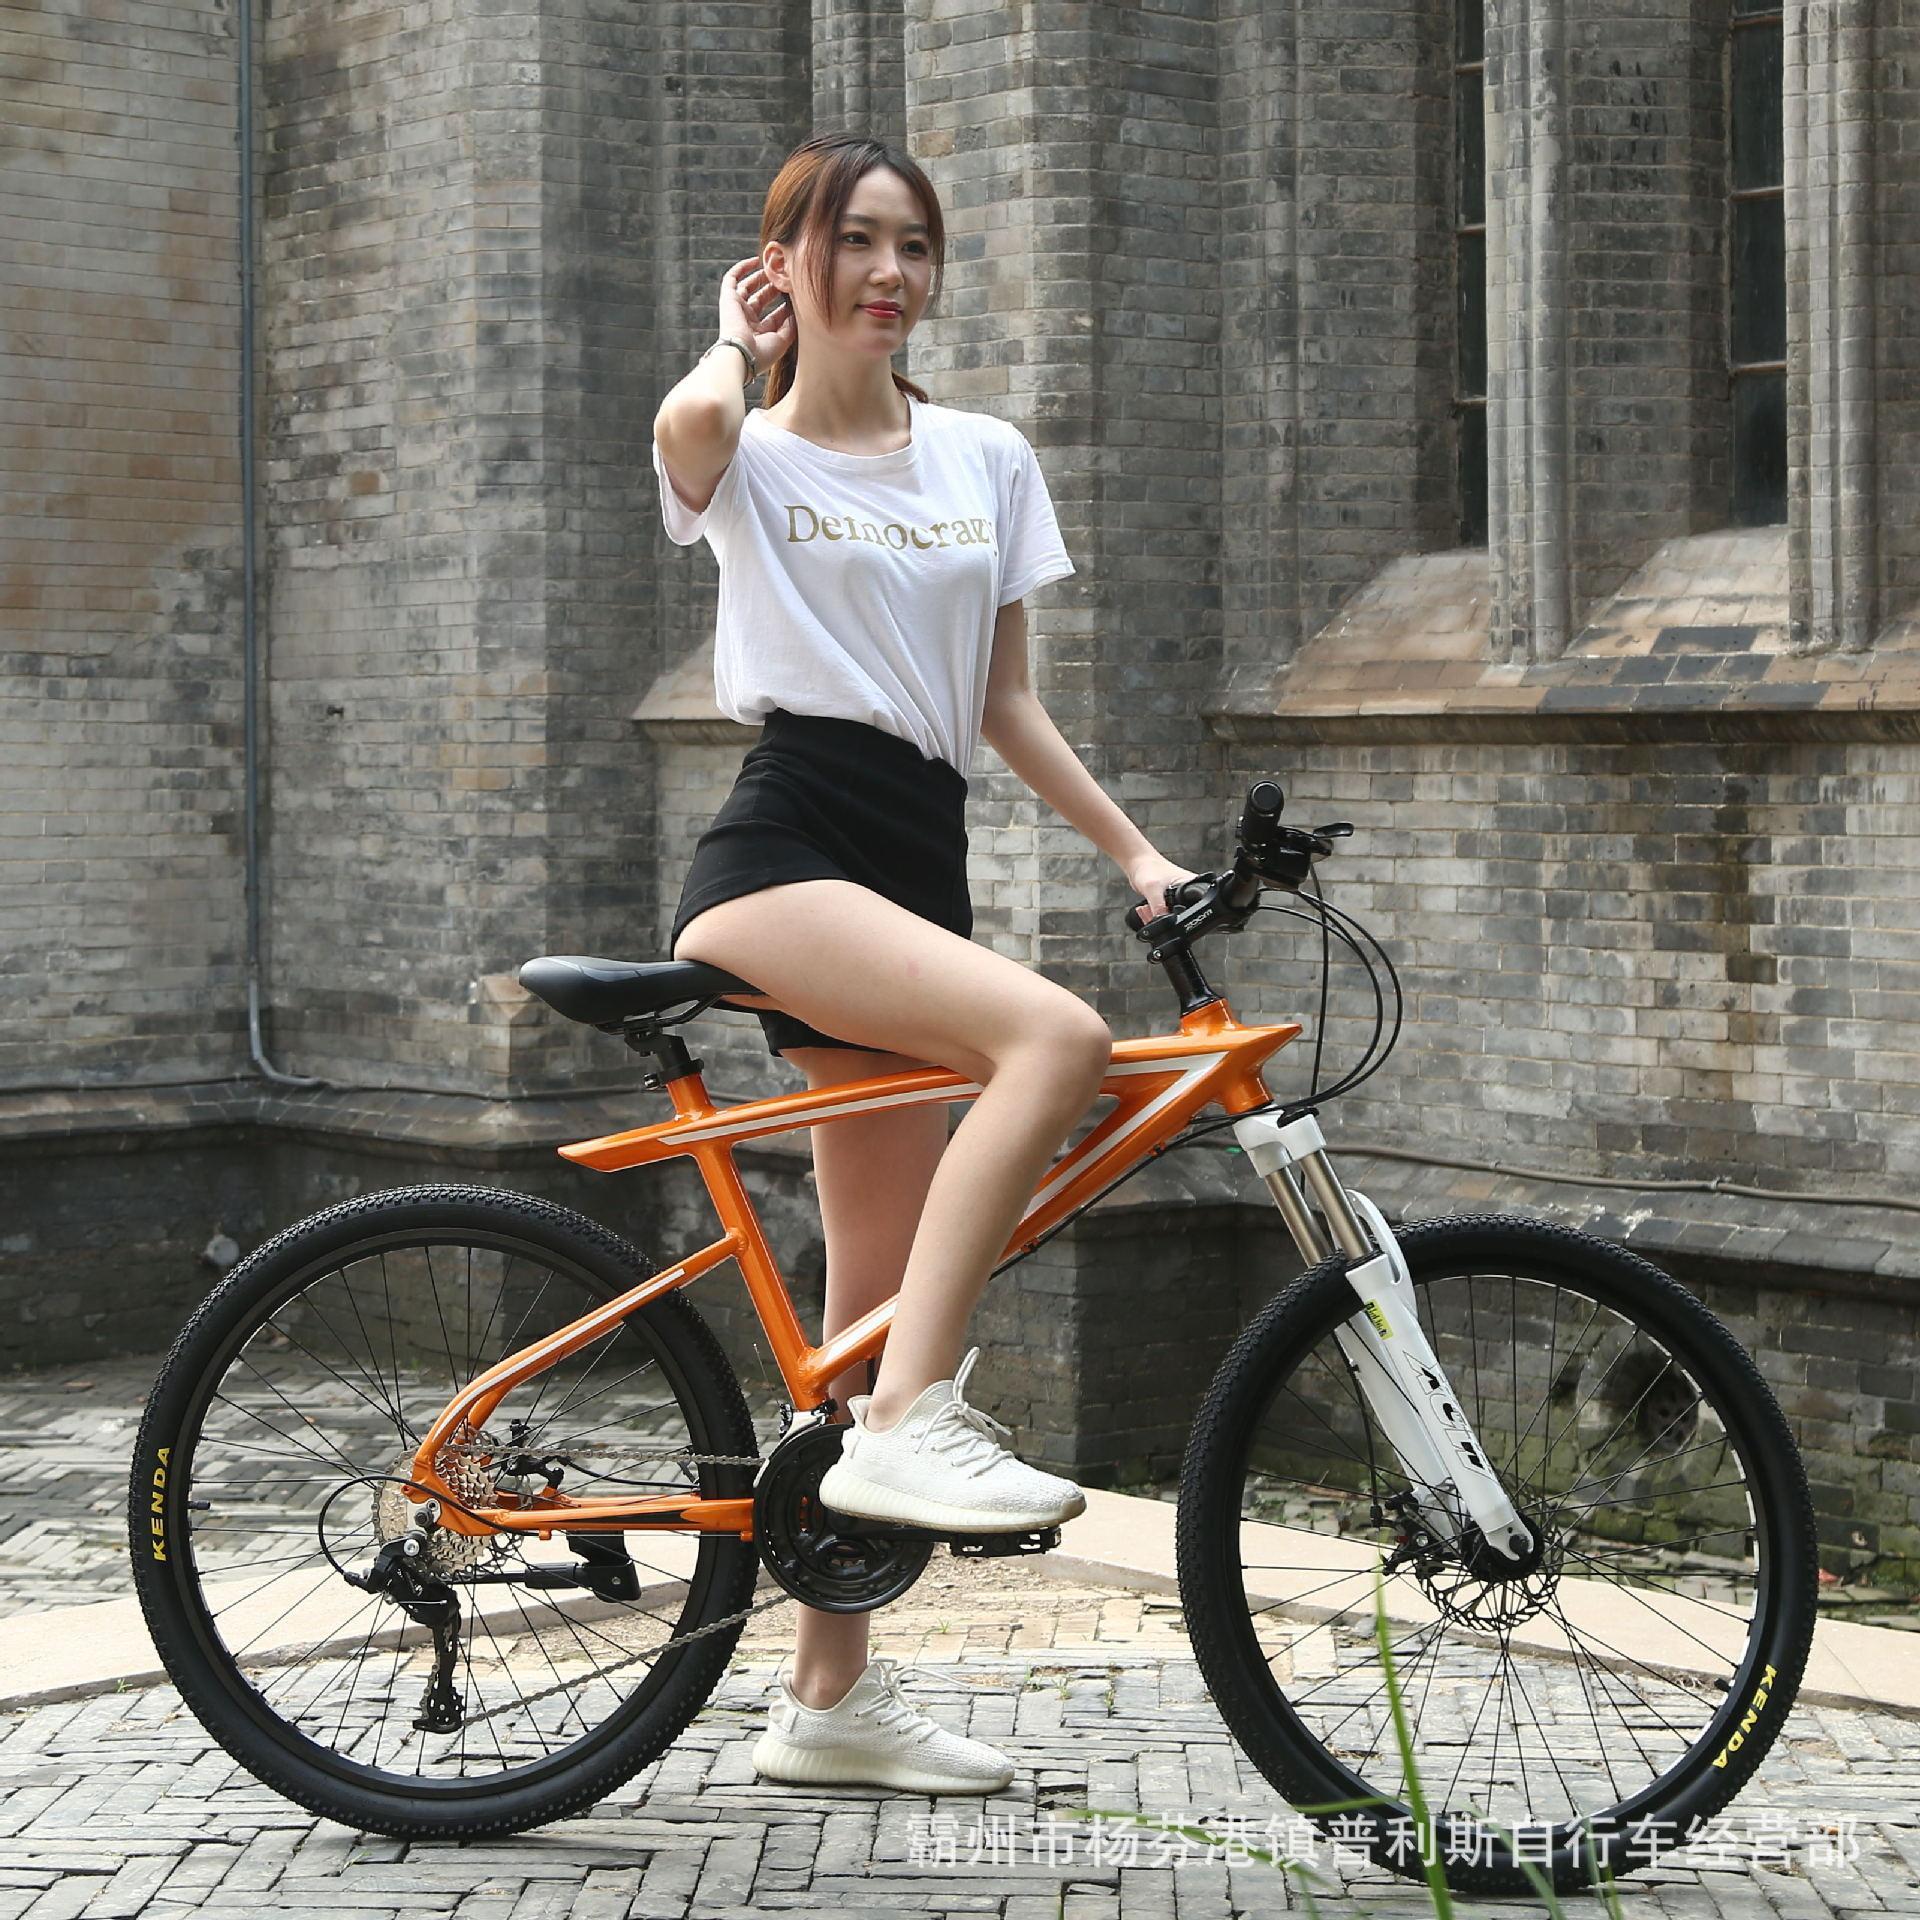 26-Zoll-Aluminiumlegierung Mountain Bike 24/27 Geschwindigkeit Ölbremse Doppelscheibenbremse Fahrrad Factory Direct Lieferung